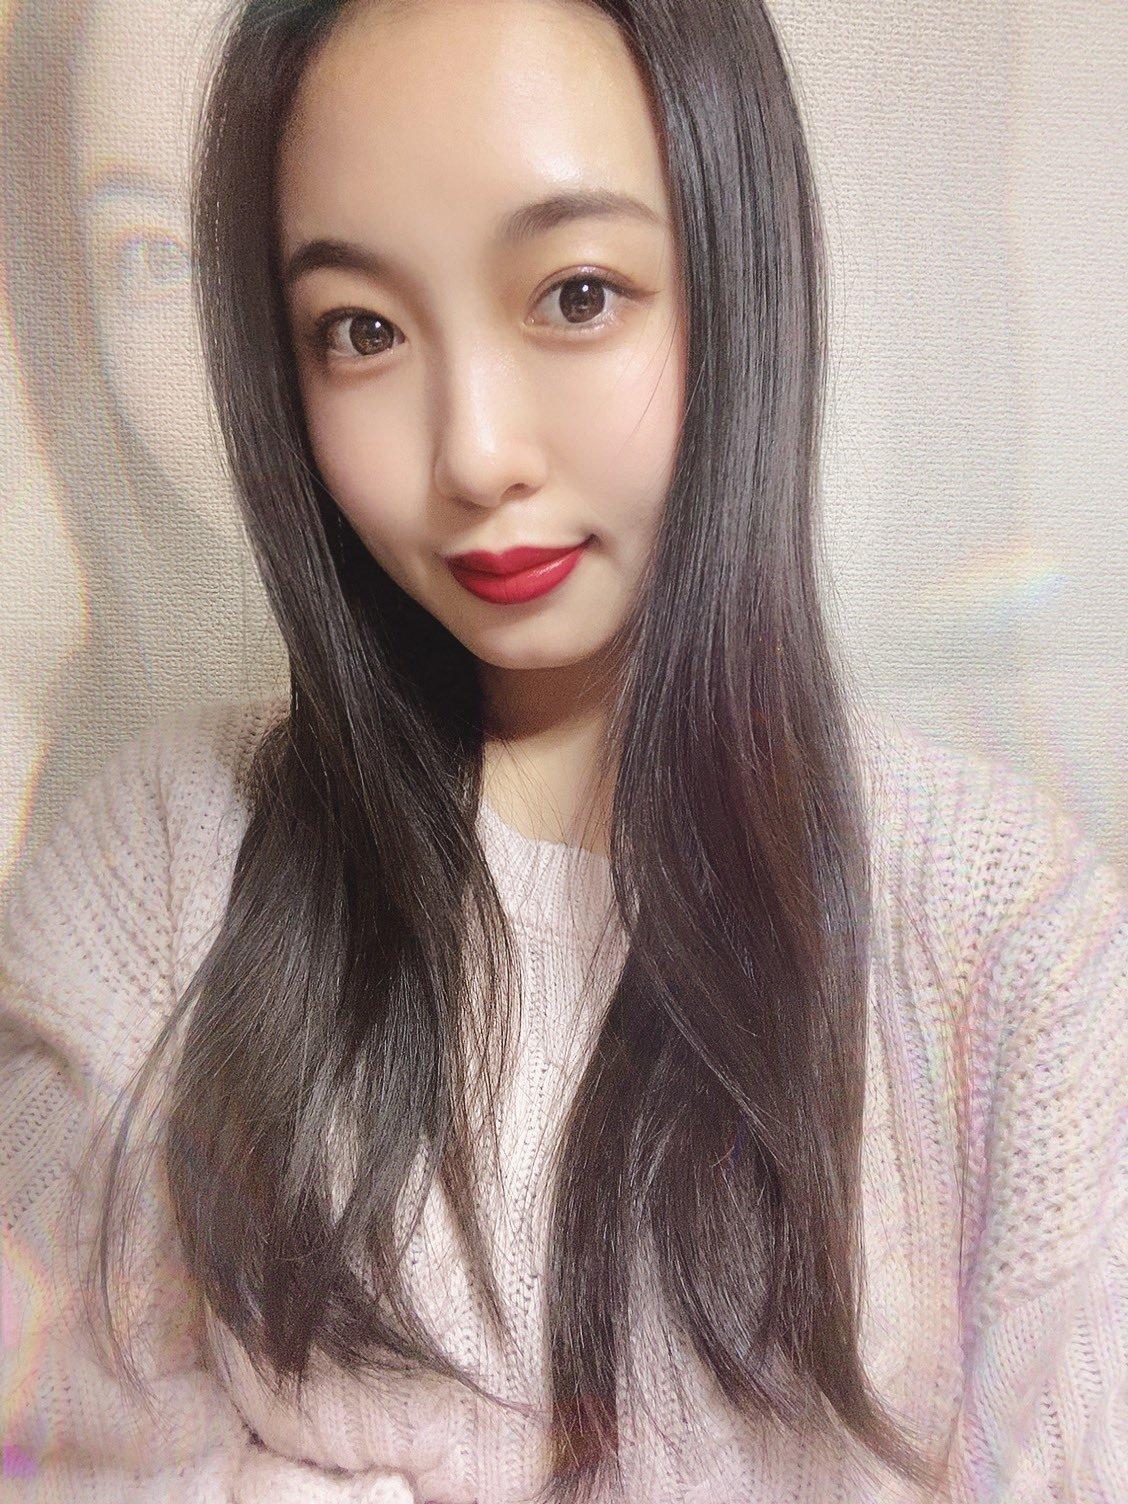 熊本美少女[舞子]昭和感好迷人写真带有复古的青春回忆 养眼图片 第4张